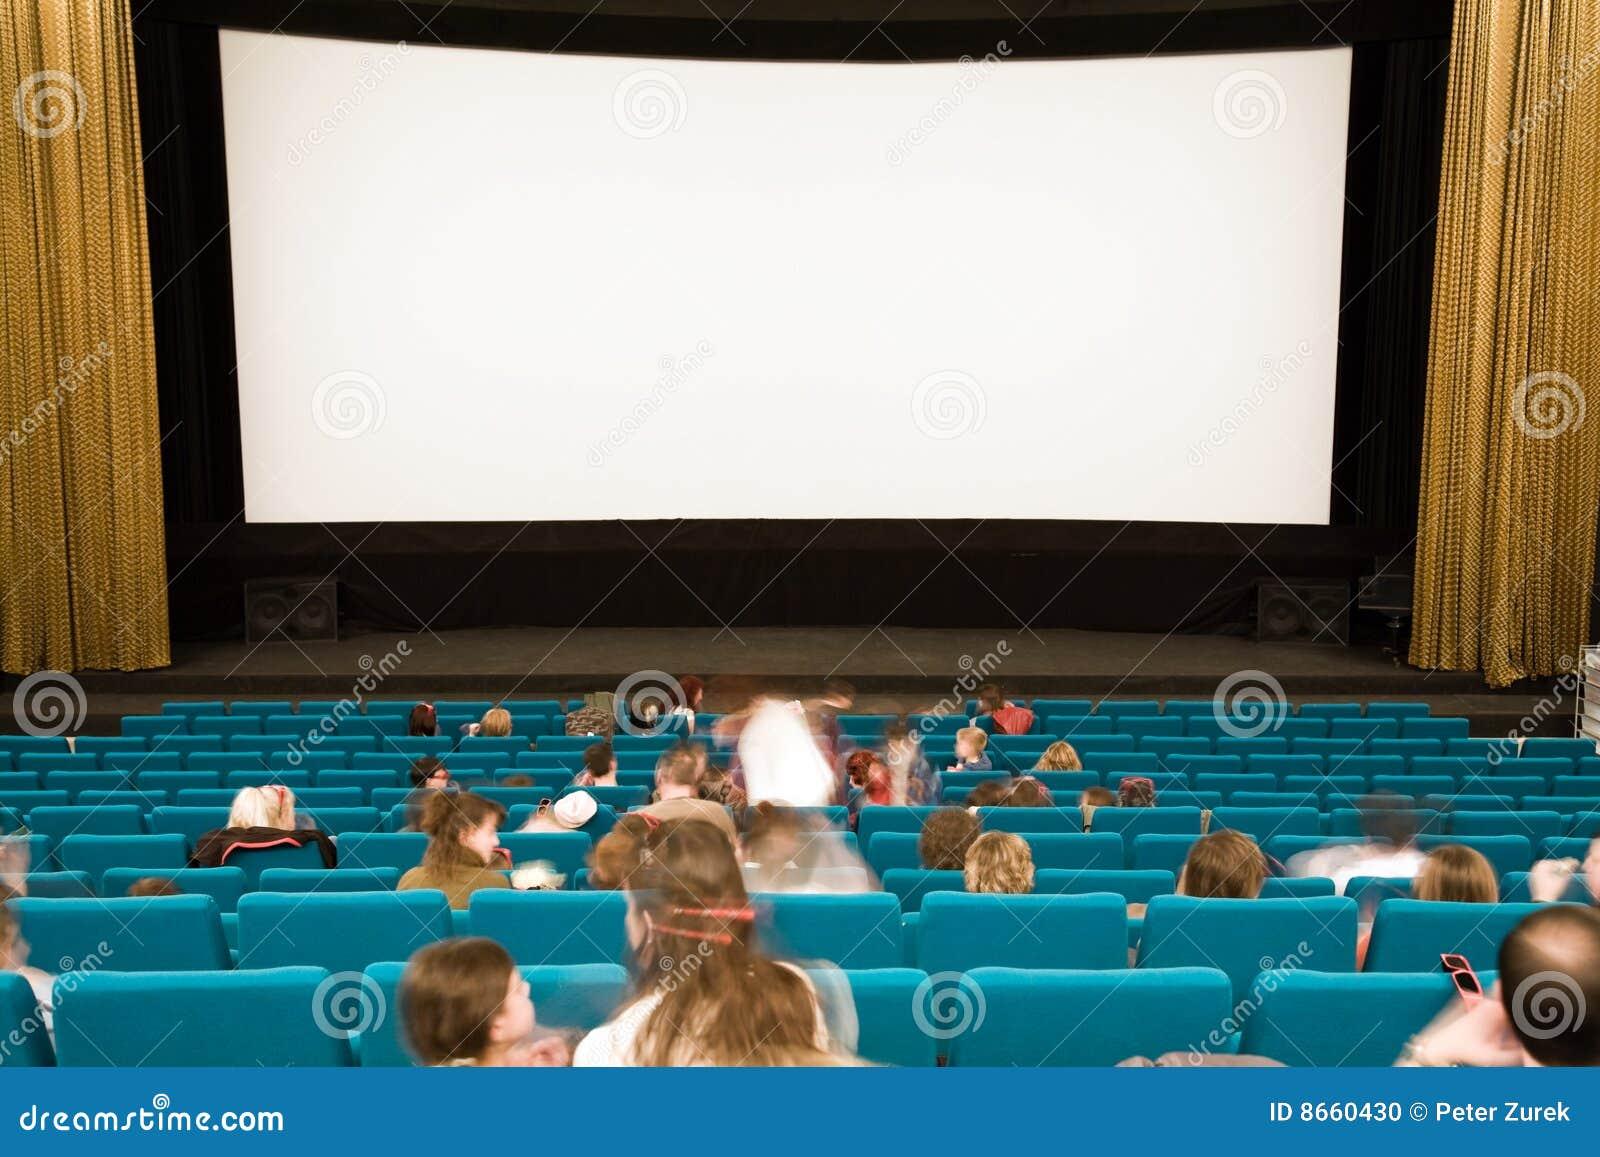 Intérieur de cinéma avec des gens